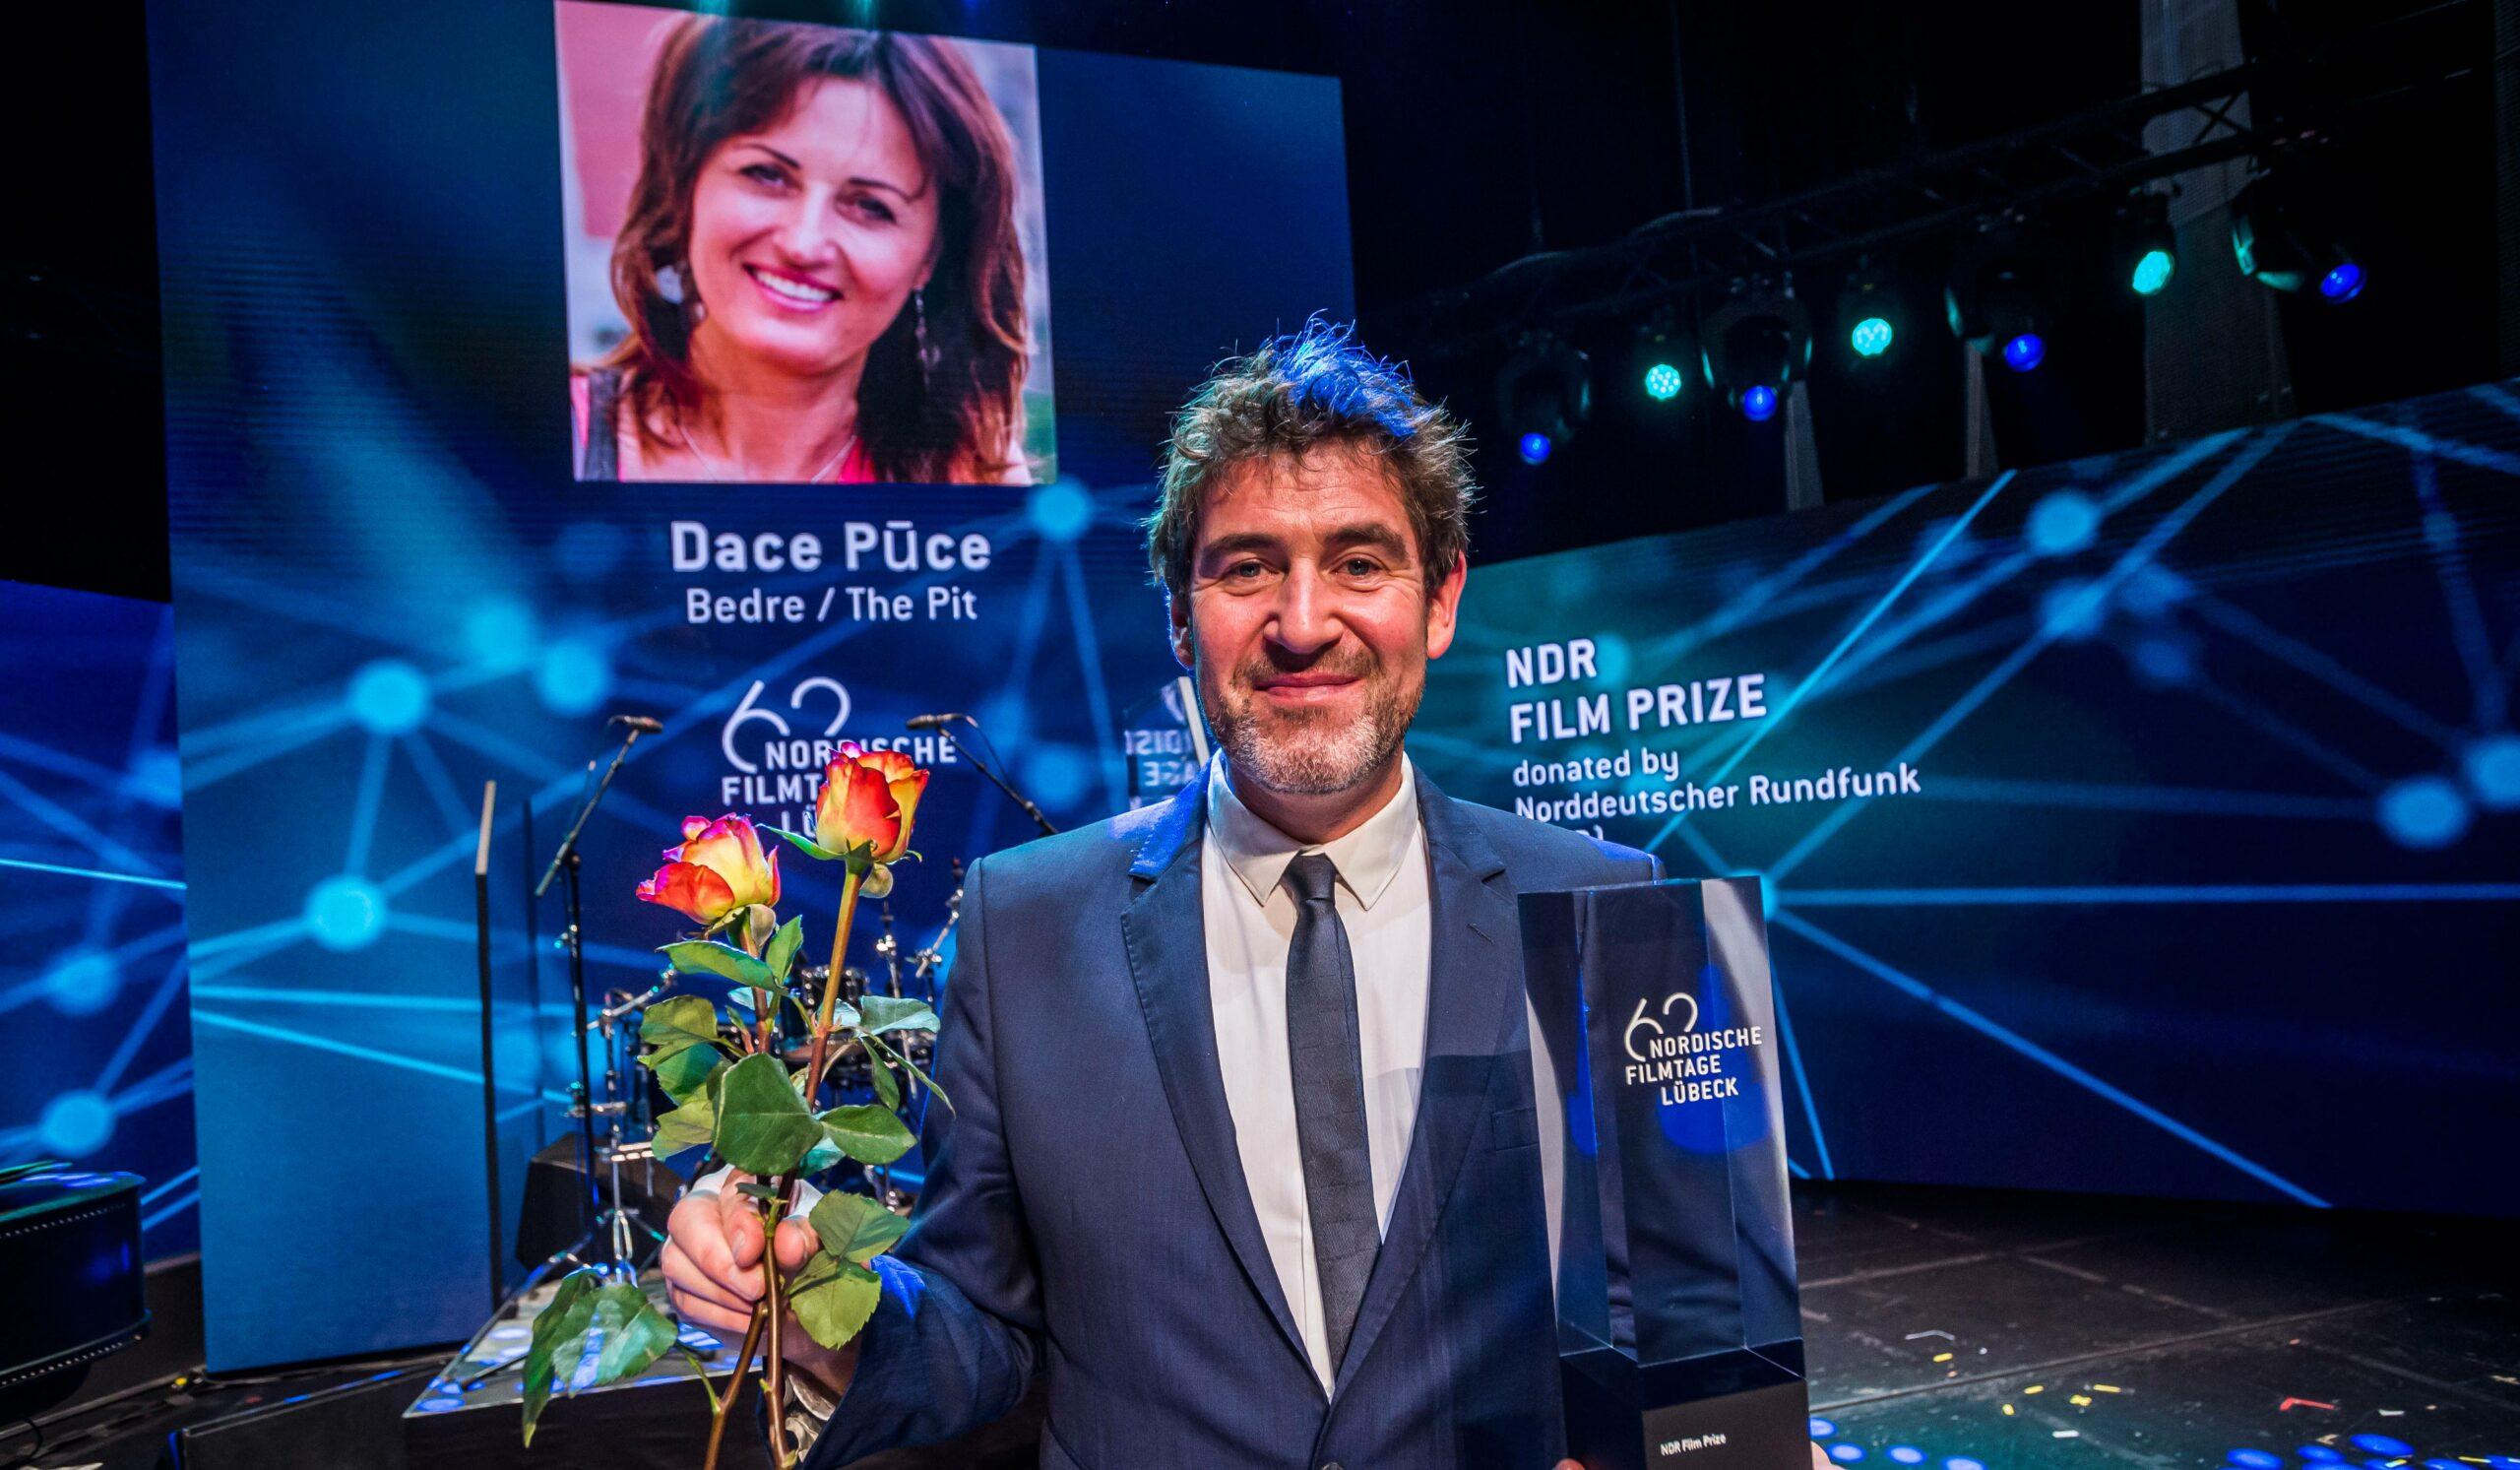 Der NDR Filmpreis der Nordischen Filmtage 2020 geht nach Lettland